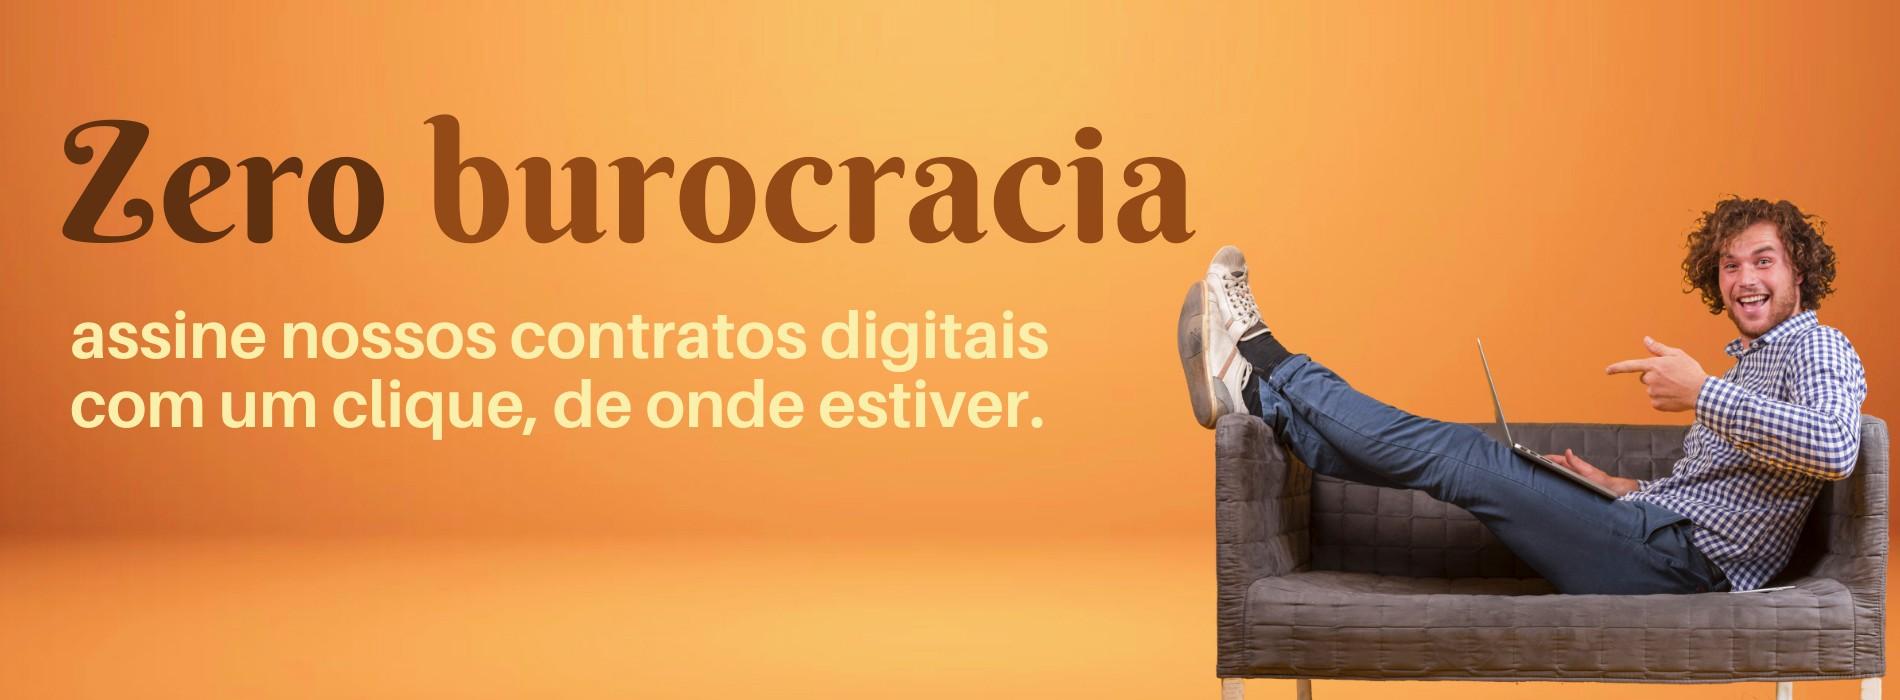 Zero Burocracia